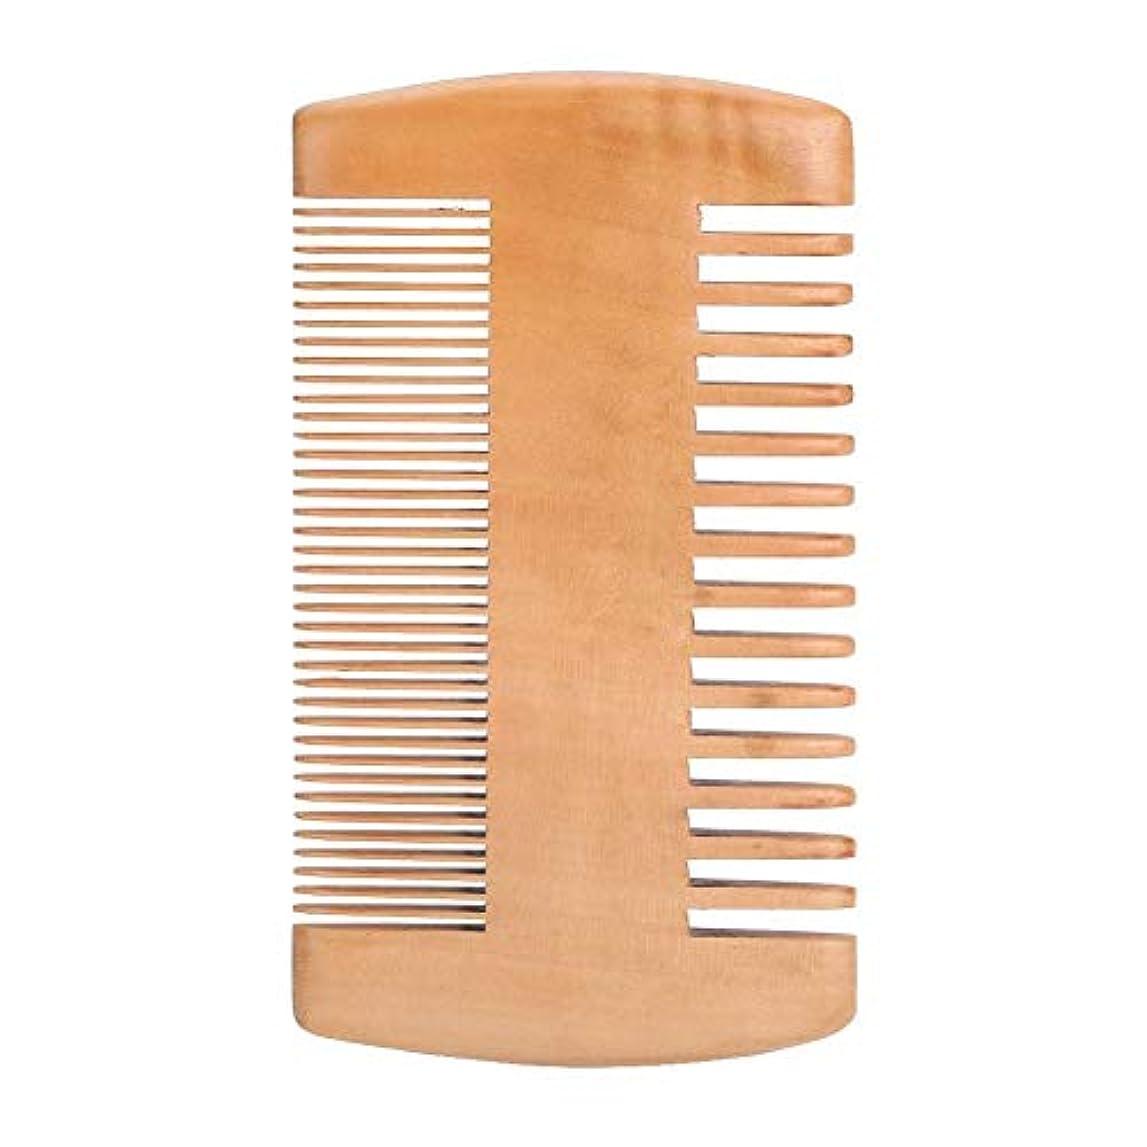 傷つきやすい倍増気楽な木製の抗静的ひげポケット櫛